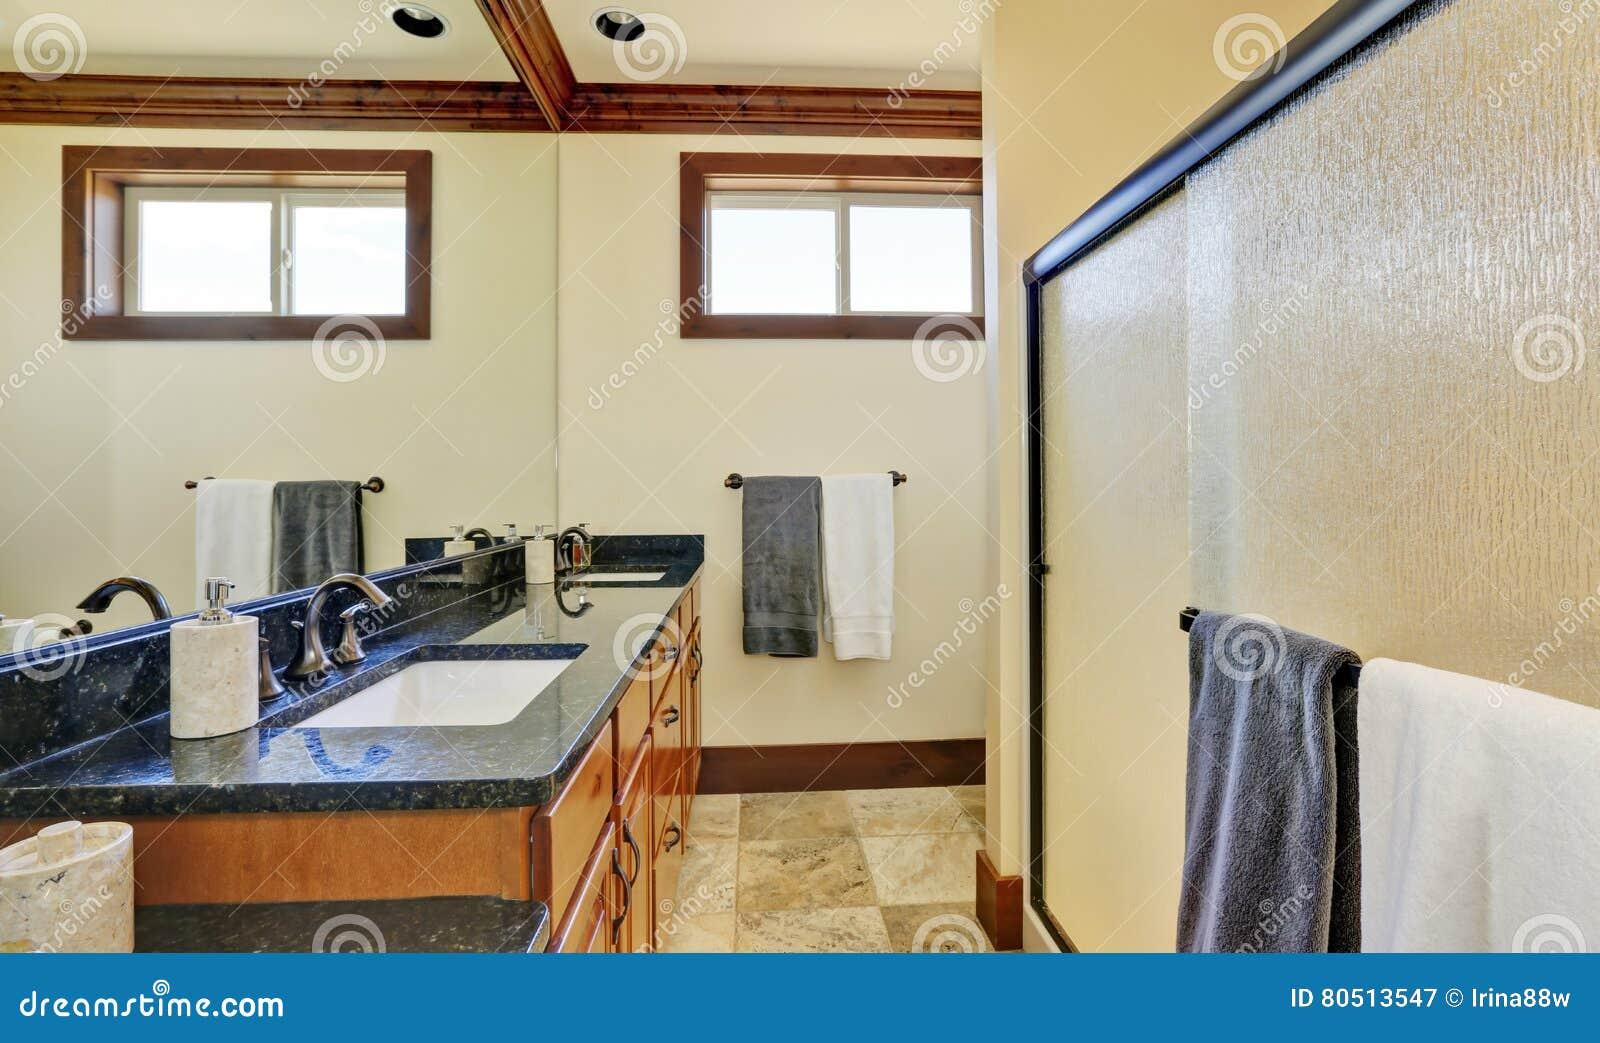 Bathroom Interior With Glass Door Shower Vanity Cabinet Stock Image